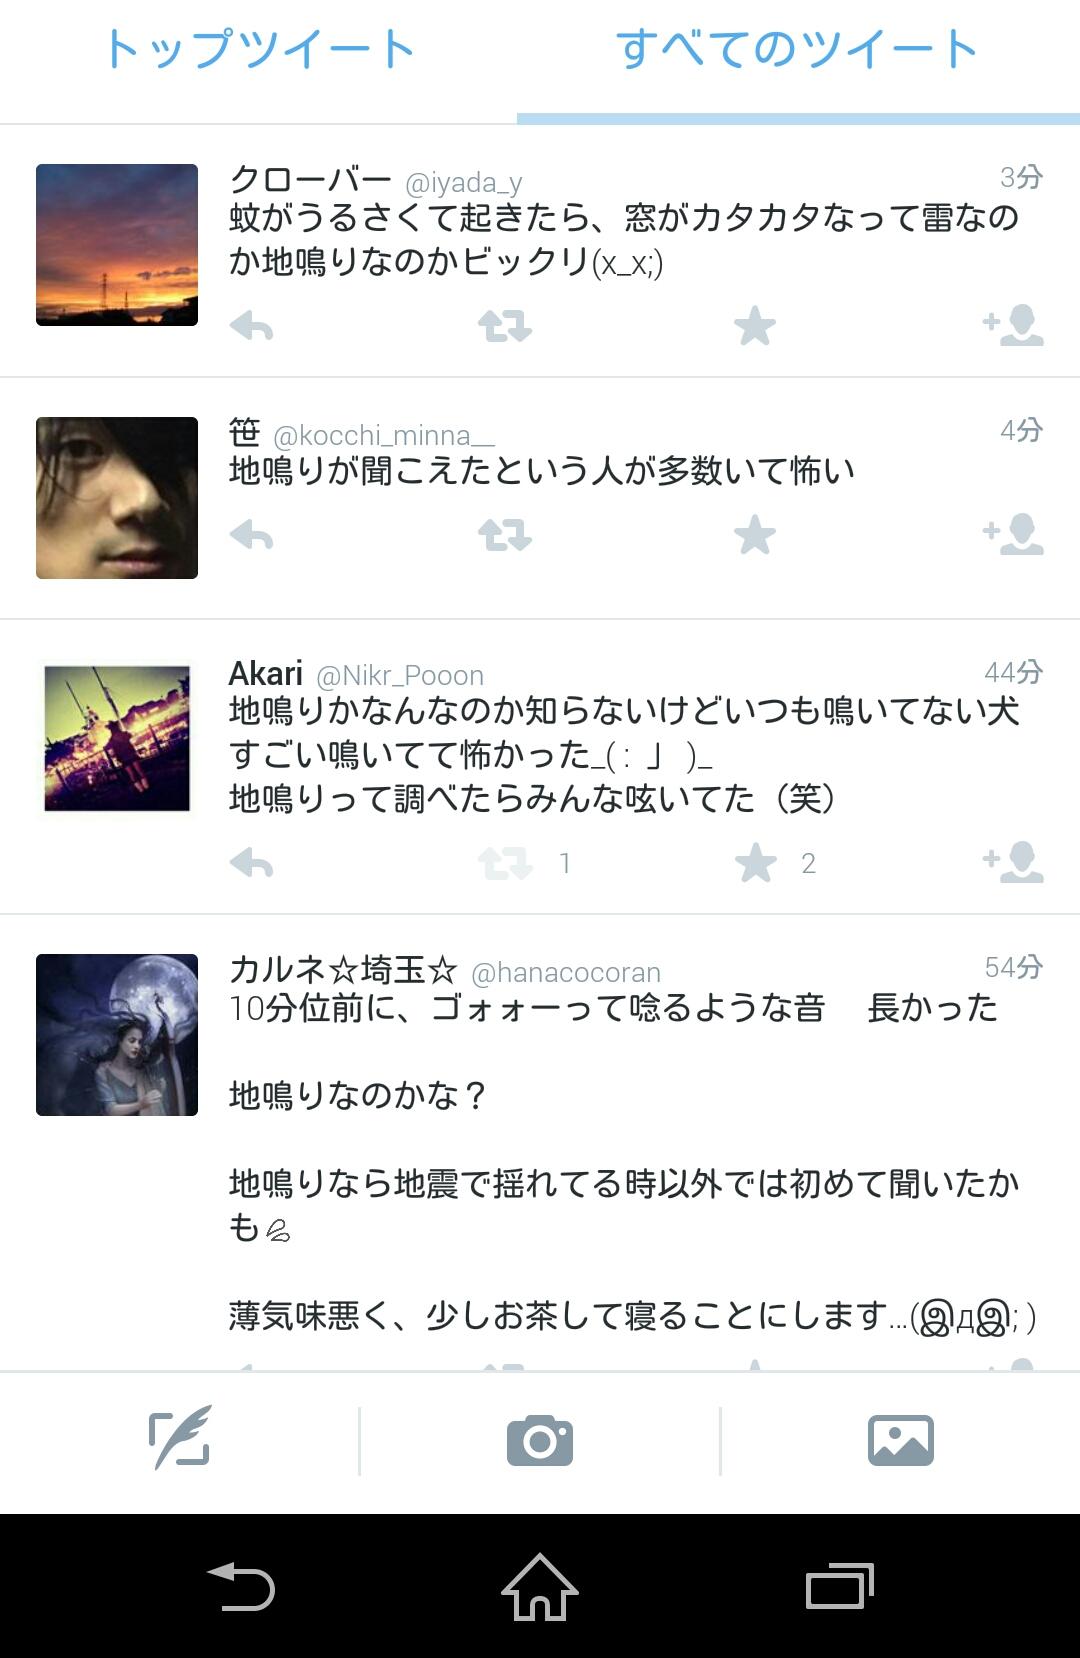 http://blog-imgs-89.fc2.com/o/k/a/okarutojishinyogen/livejupiter_1447778518_4801.jpg